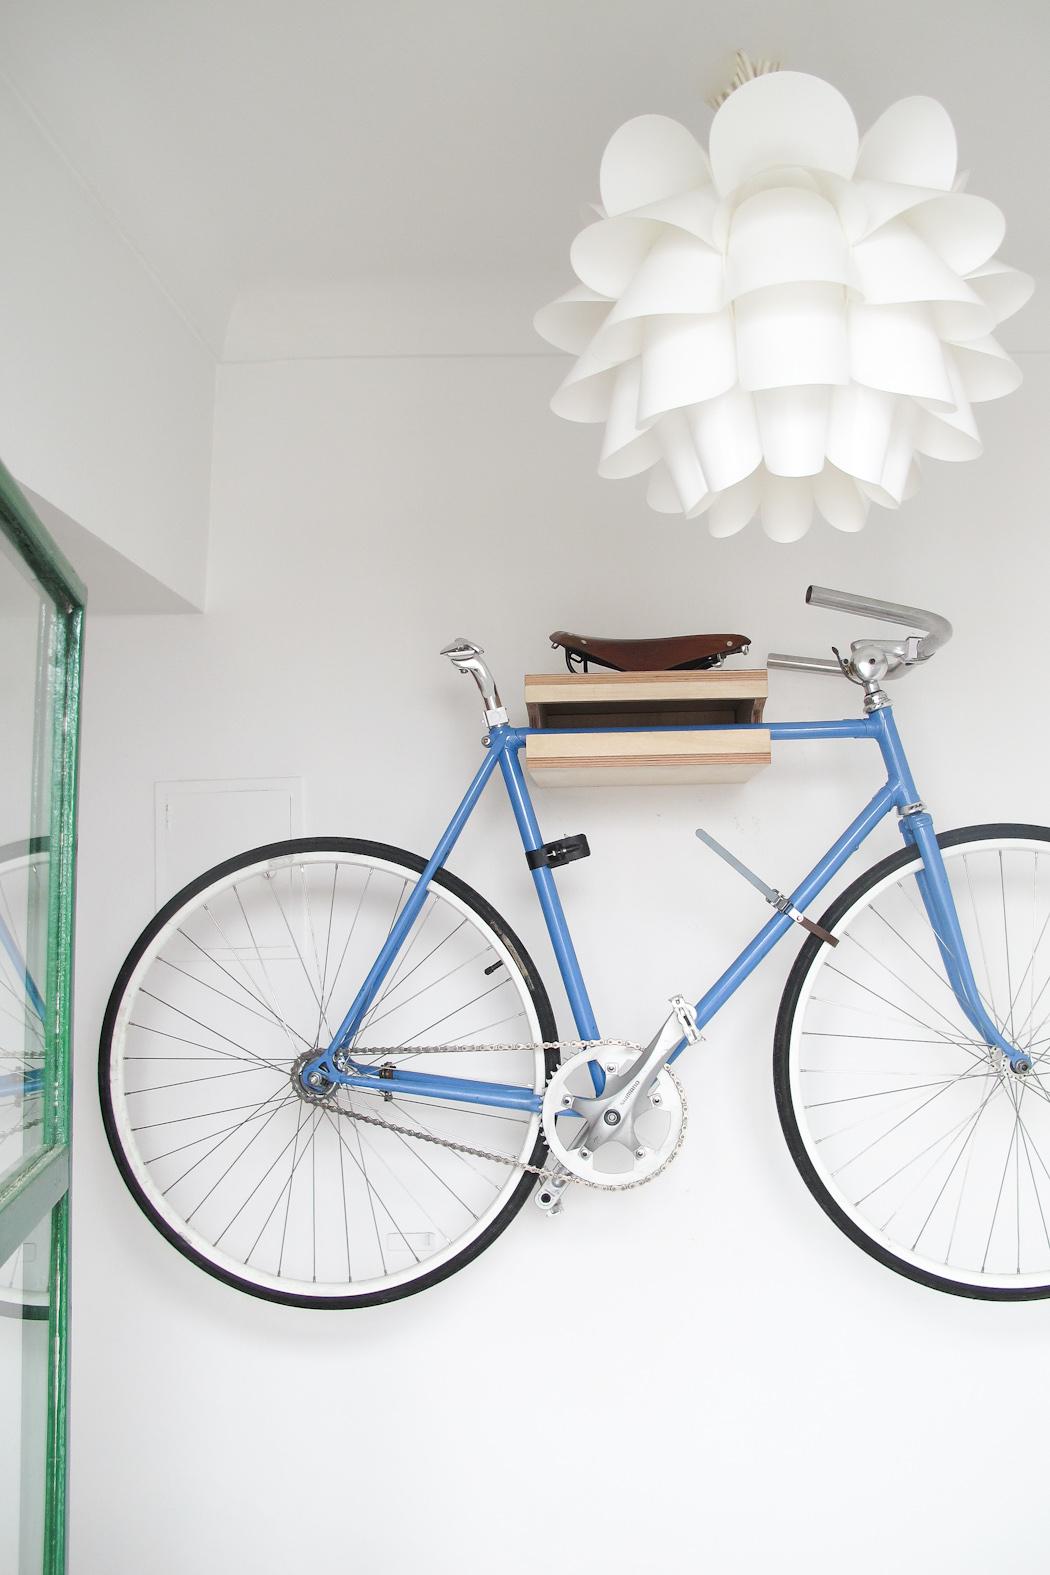 Rack para colgar bicicletas, por Diego Veras. Foto